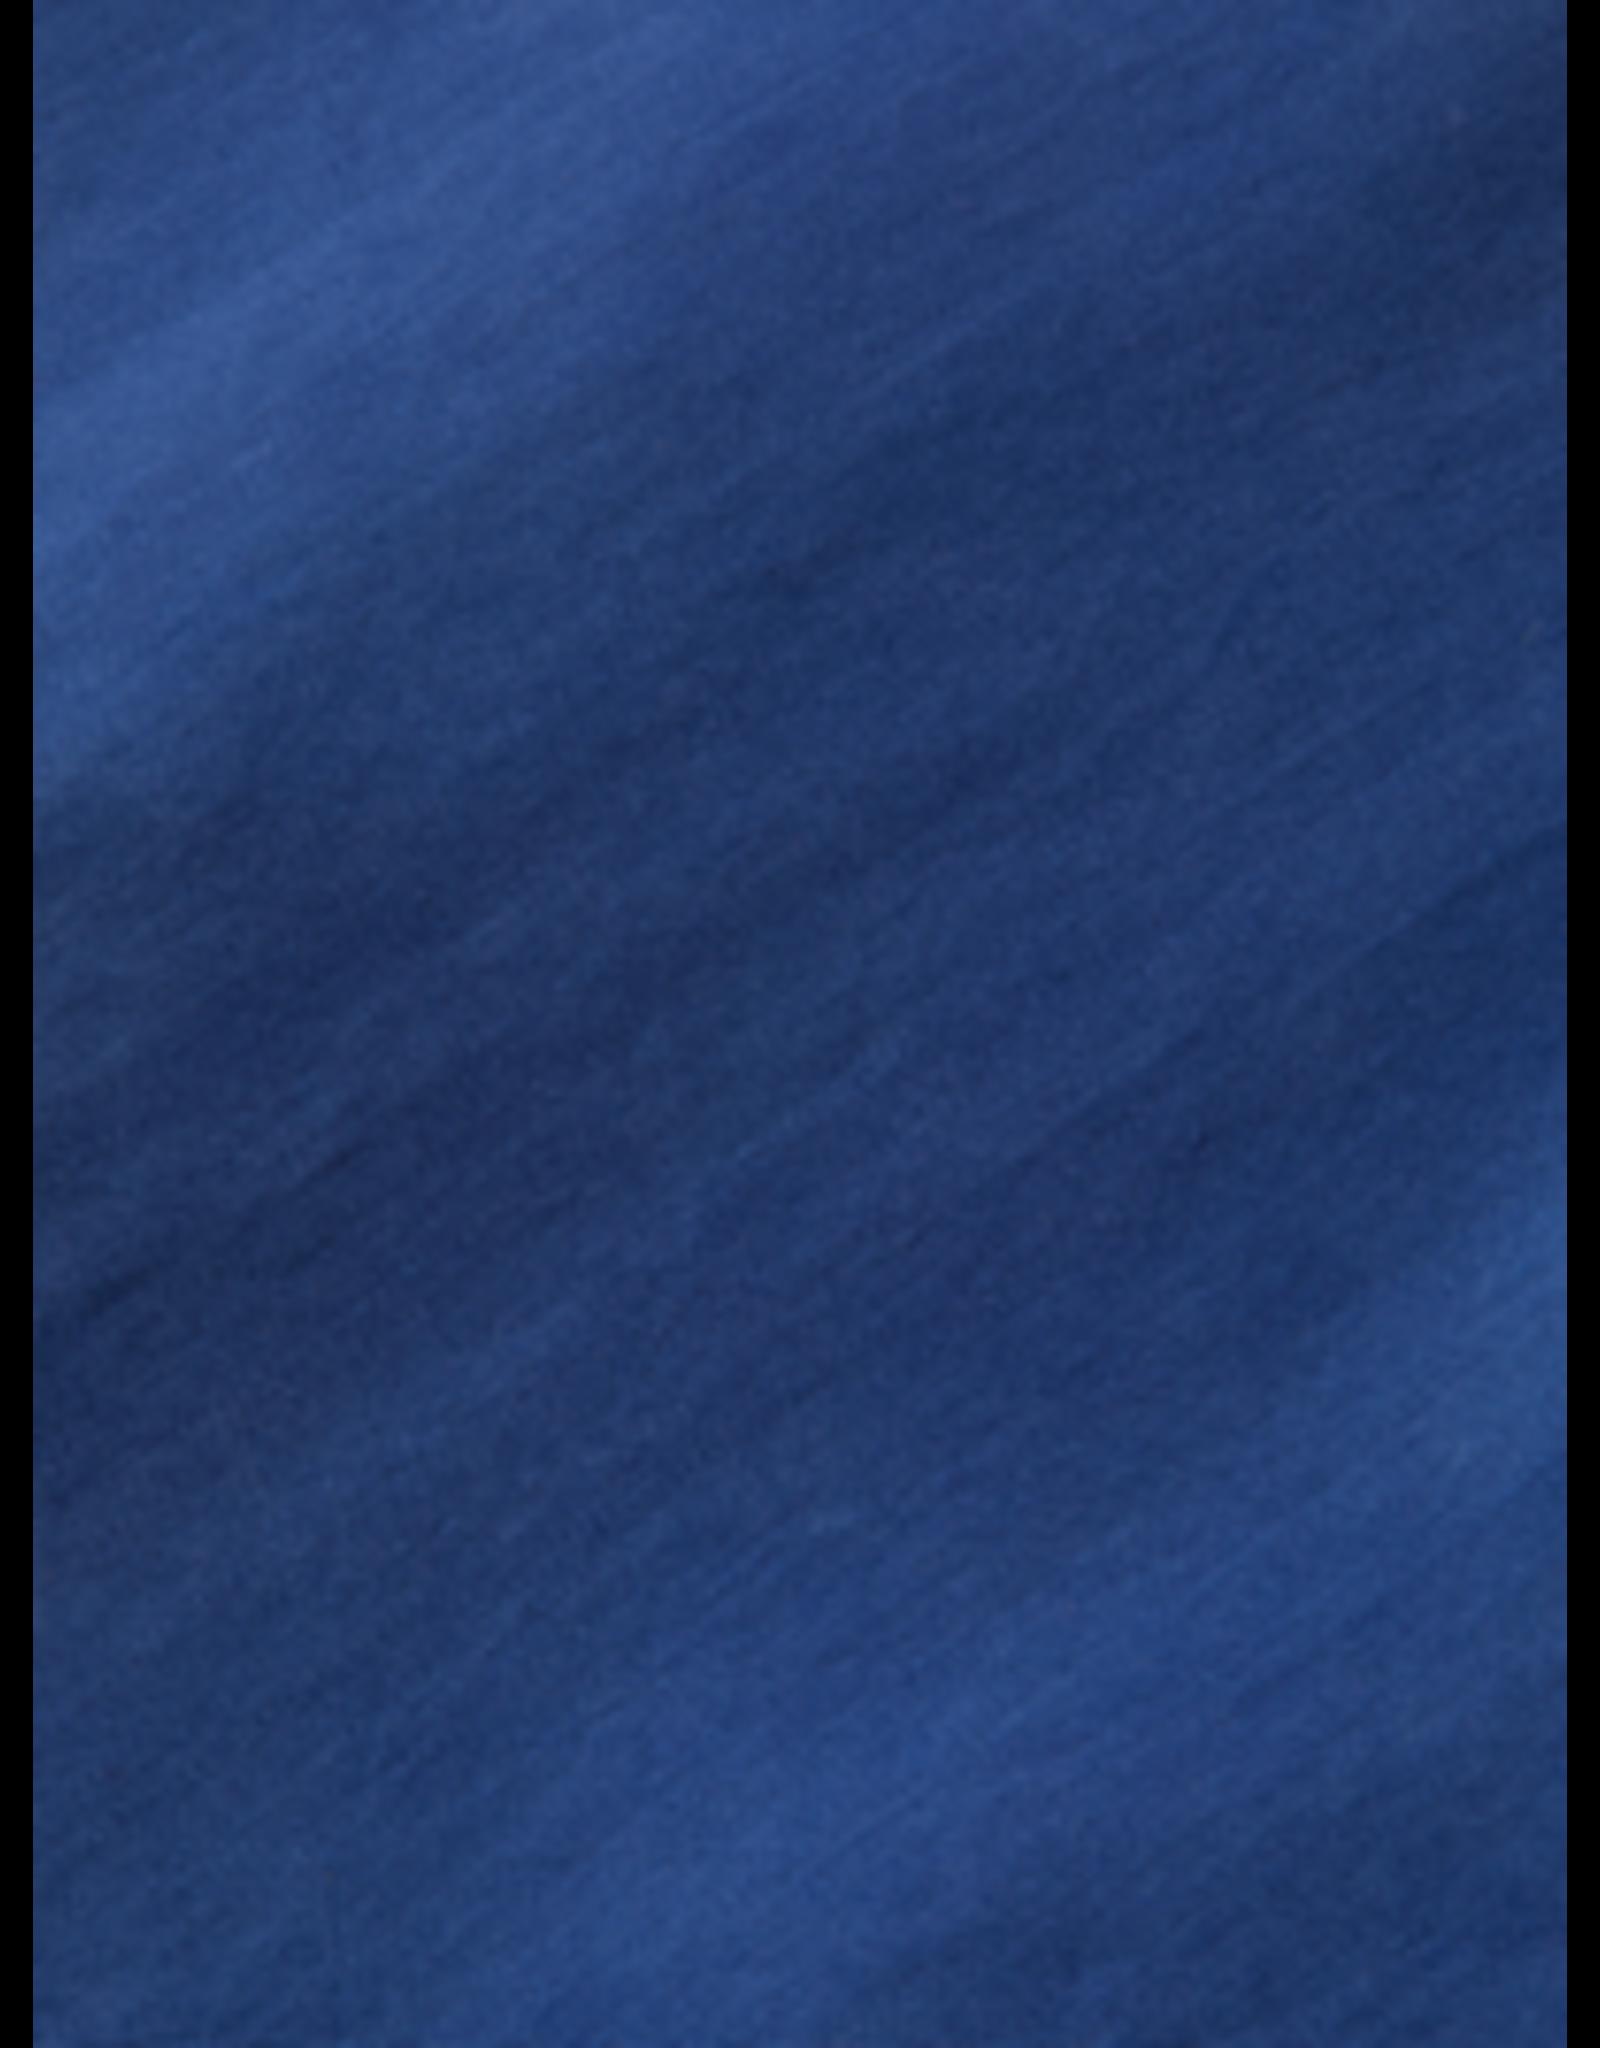 Scotch&Soda R'belle SS21 161373 Shirt dress ocean blue